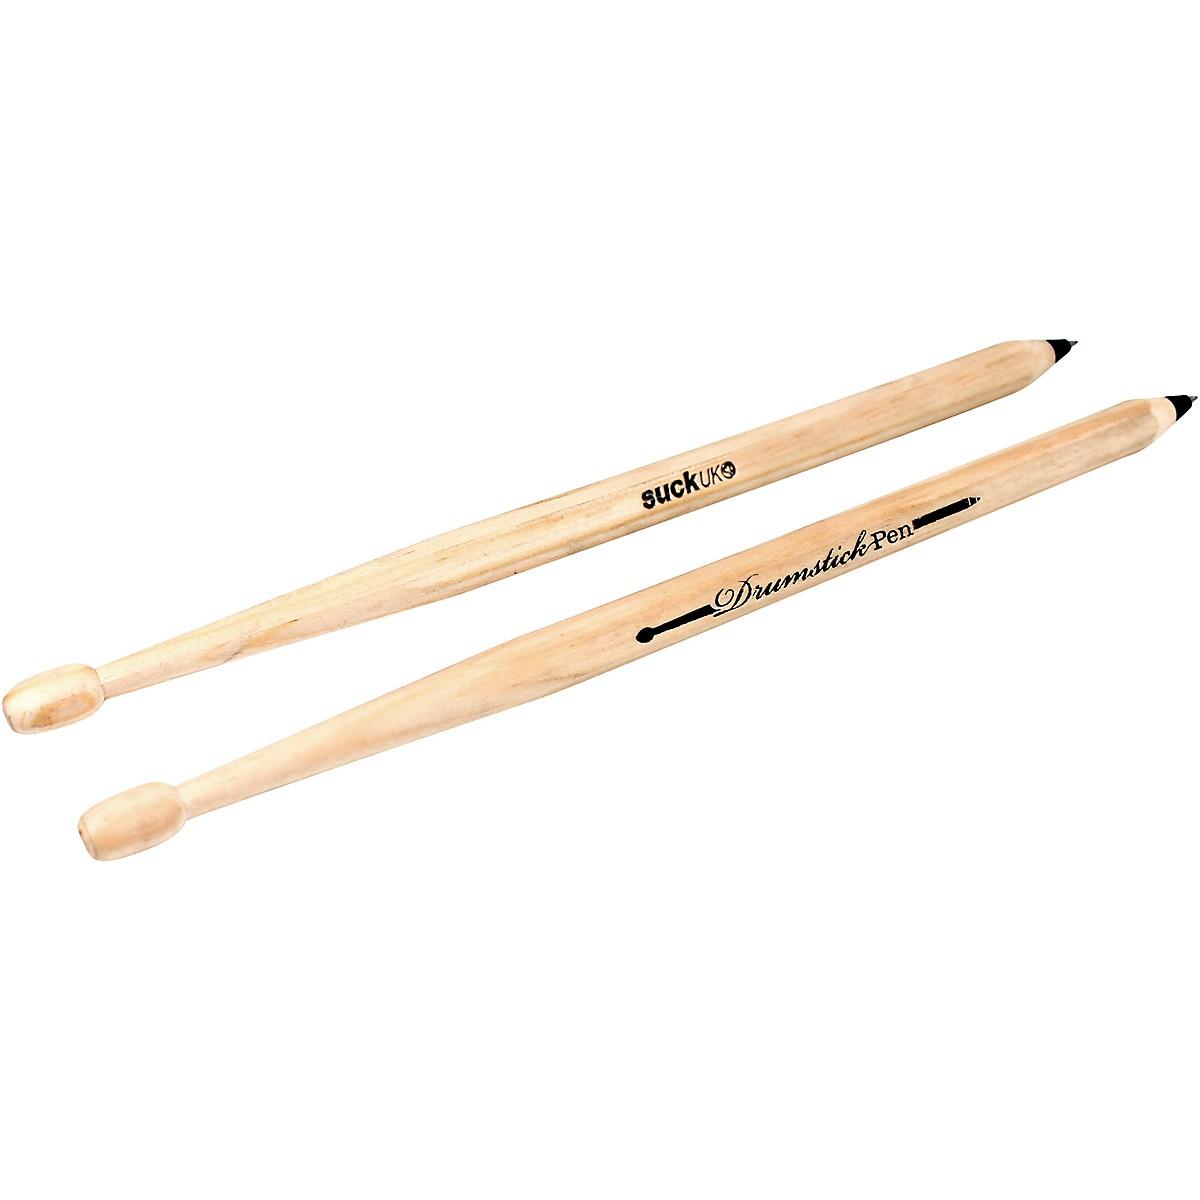 SK Drum Stick Pens